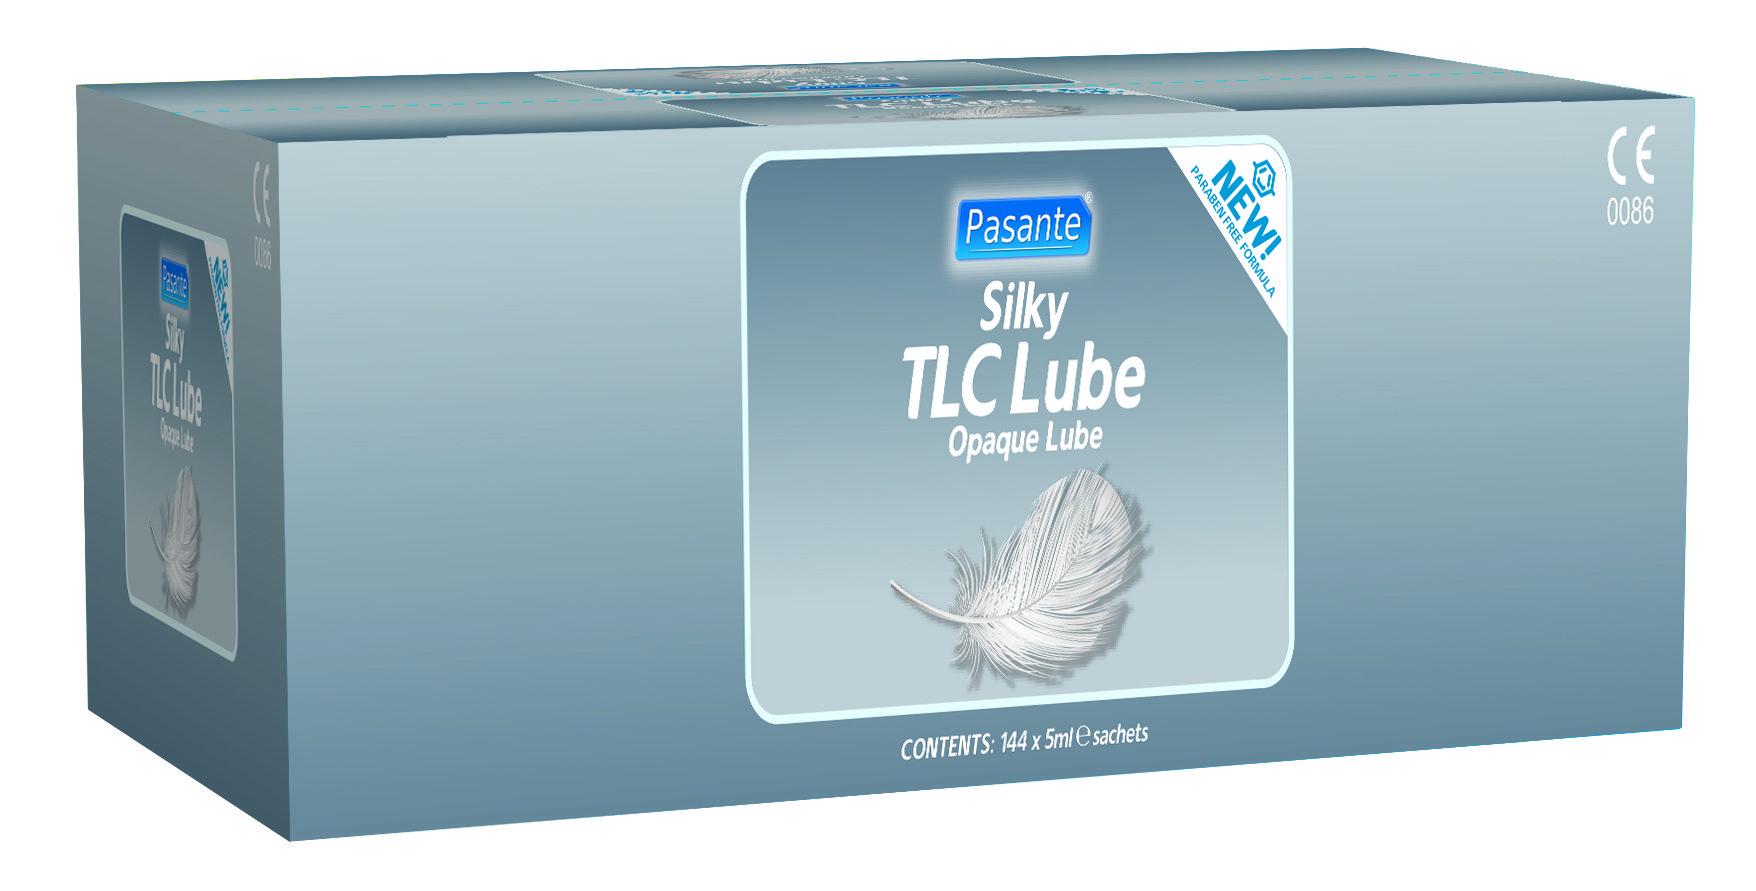 Pasante TLC lube 5ml sachets X 144 - paraben free